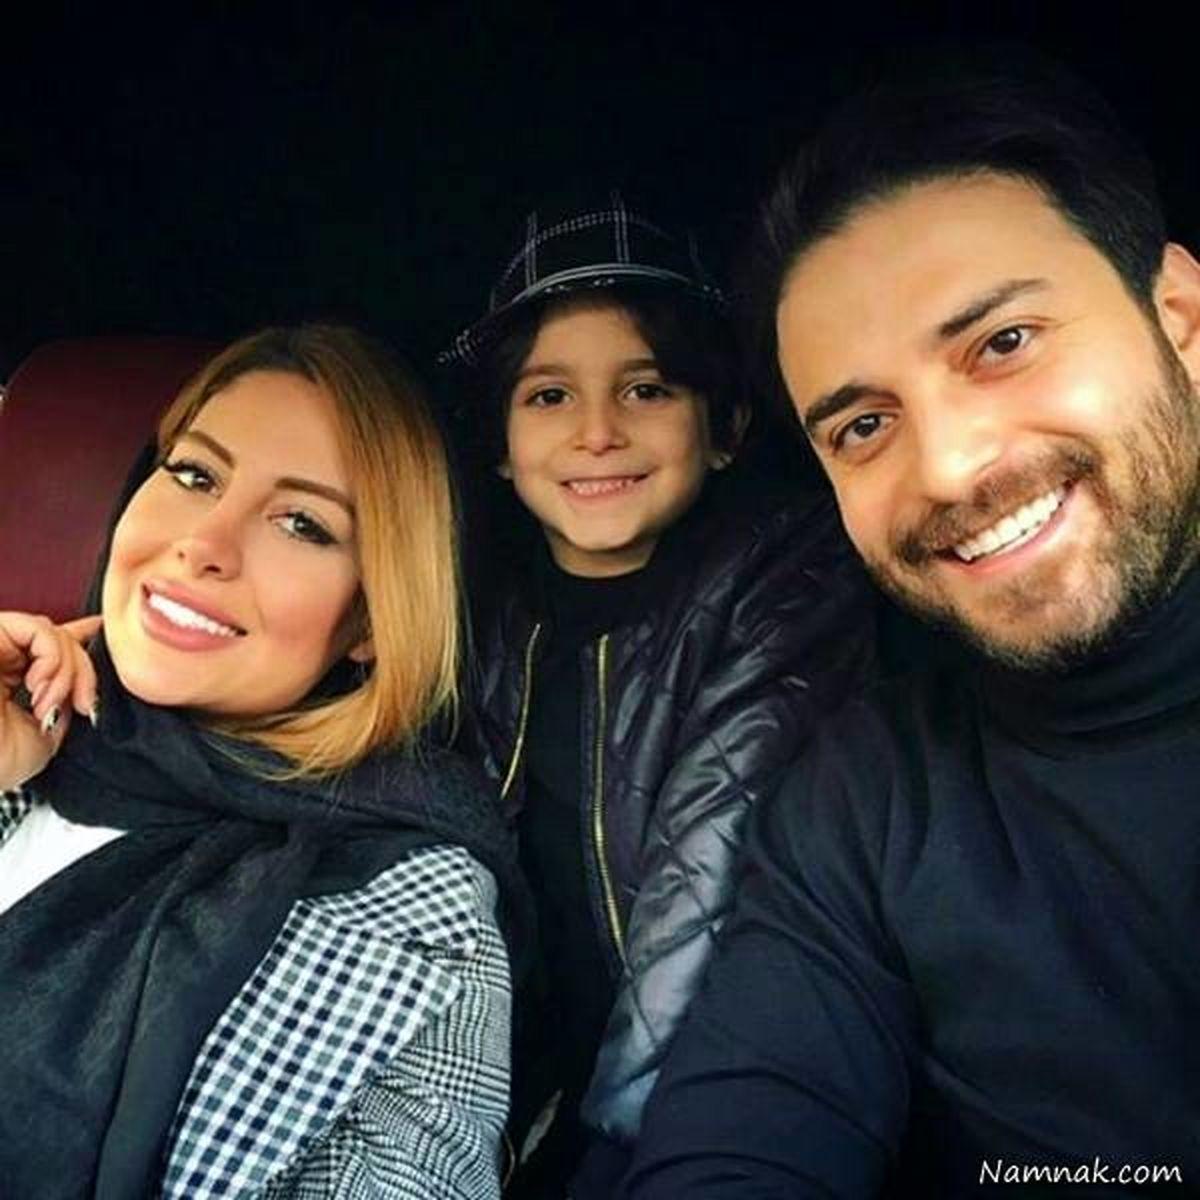 بیوگرافی بابک جهانبخش و همسرانش + تصاویر دیدنی